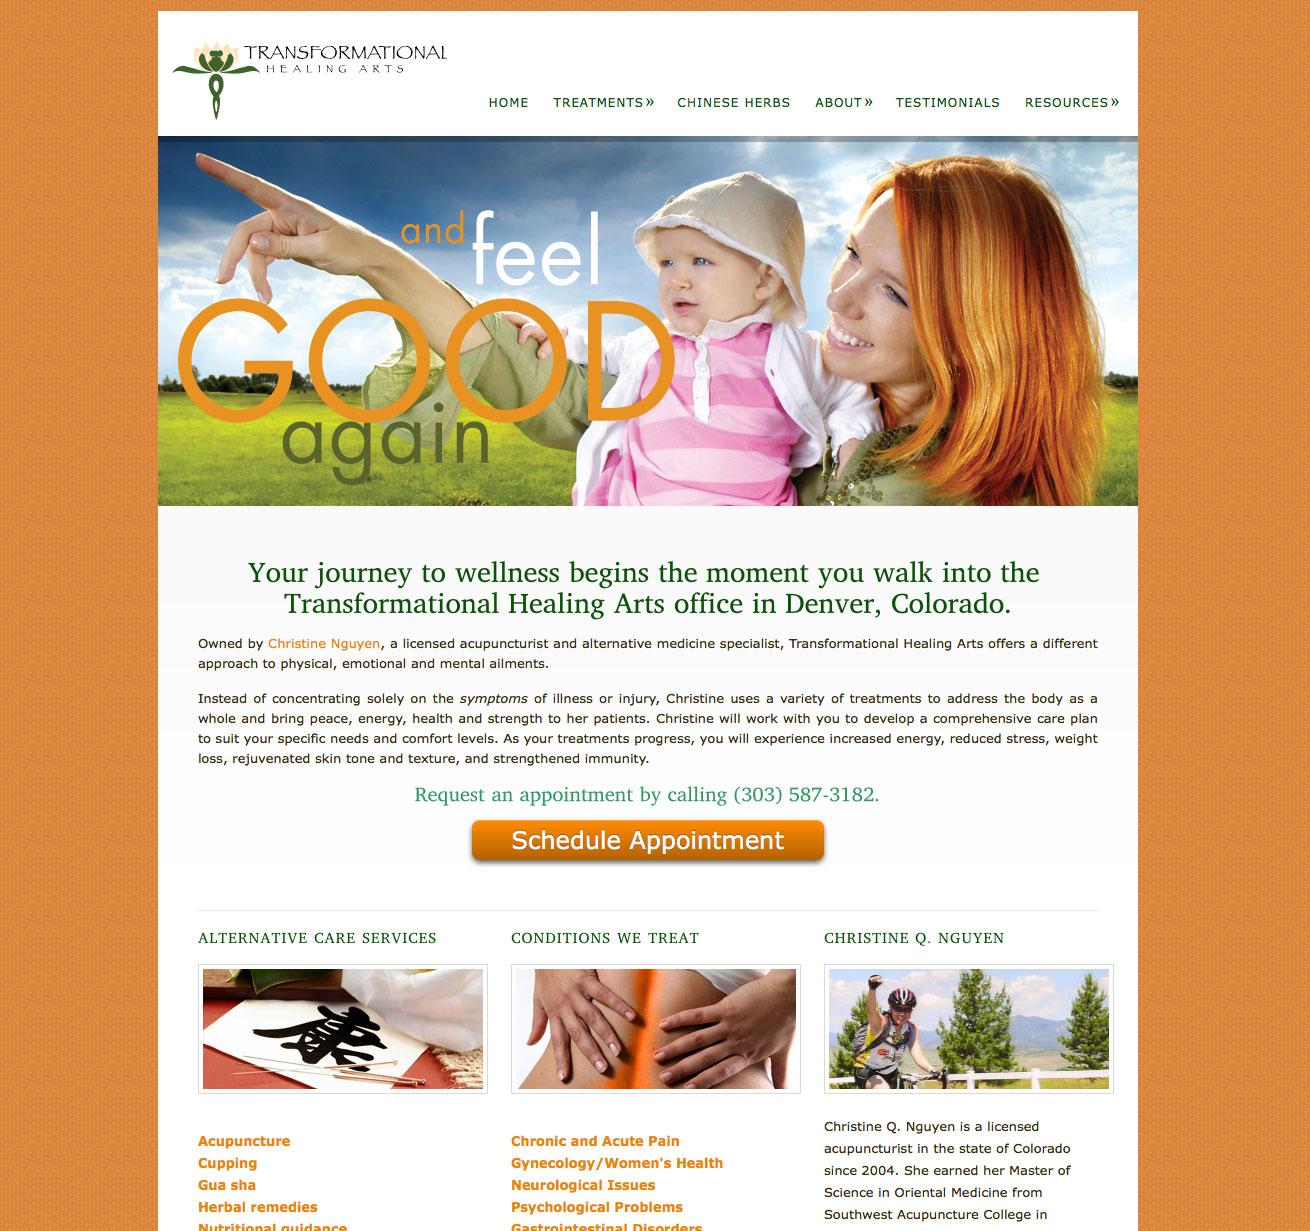 Healing Arts website design